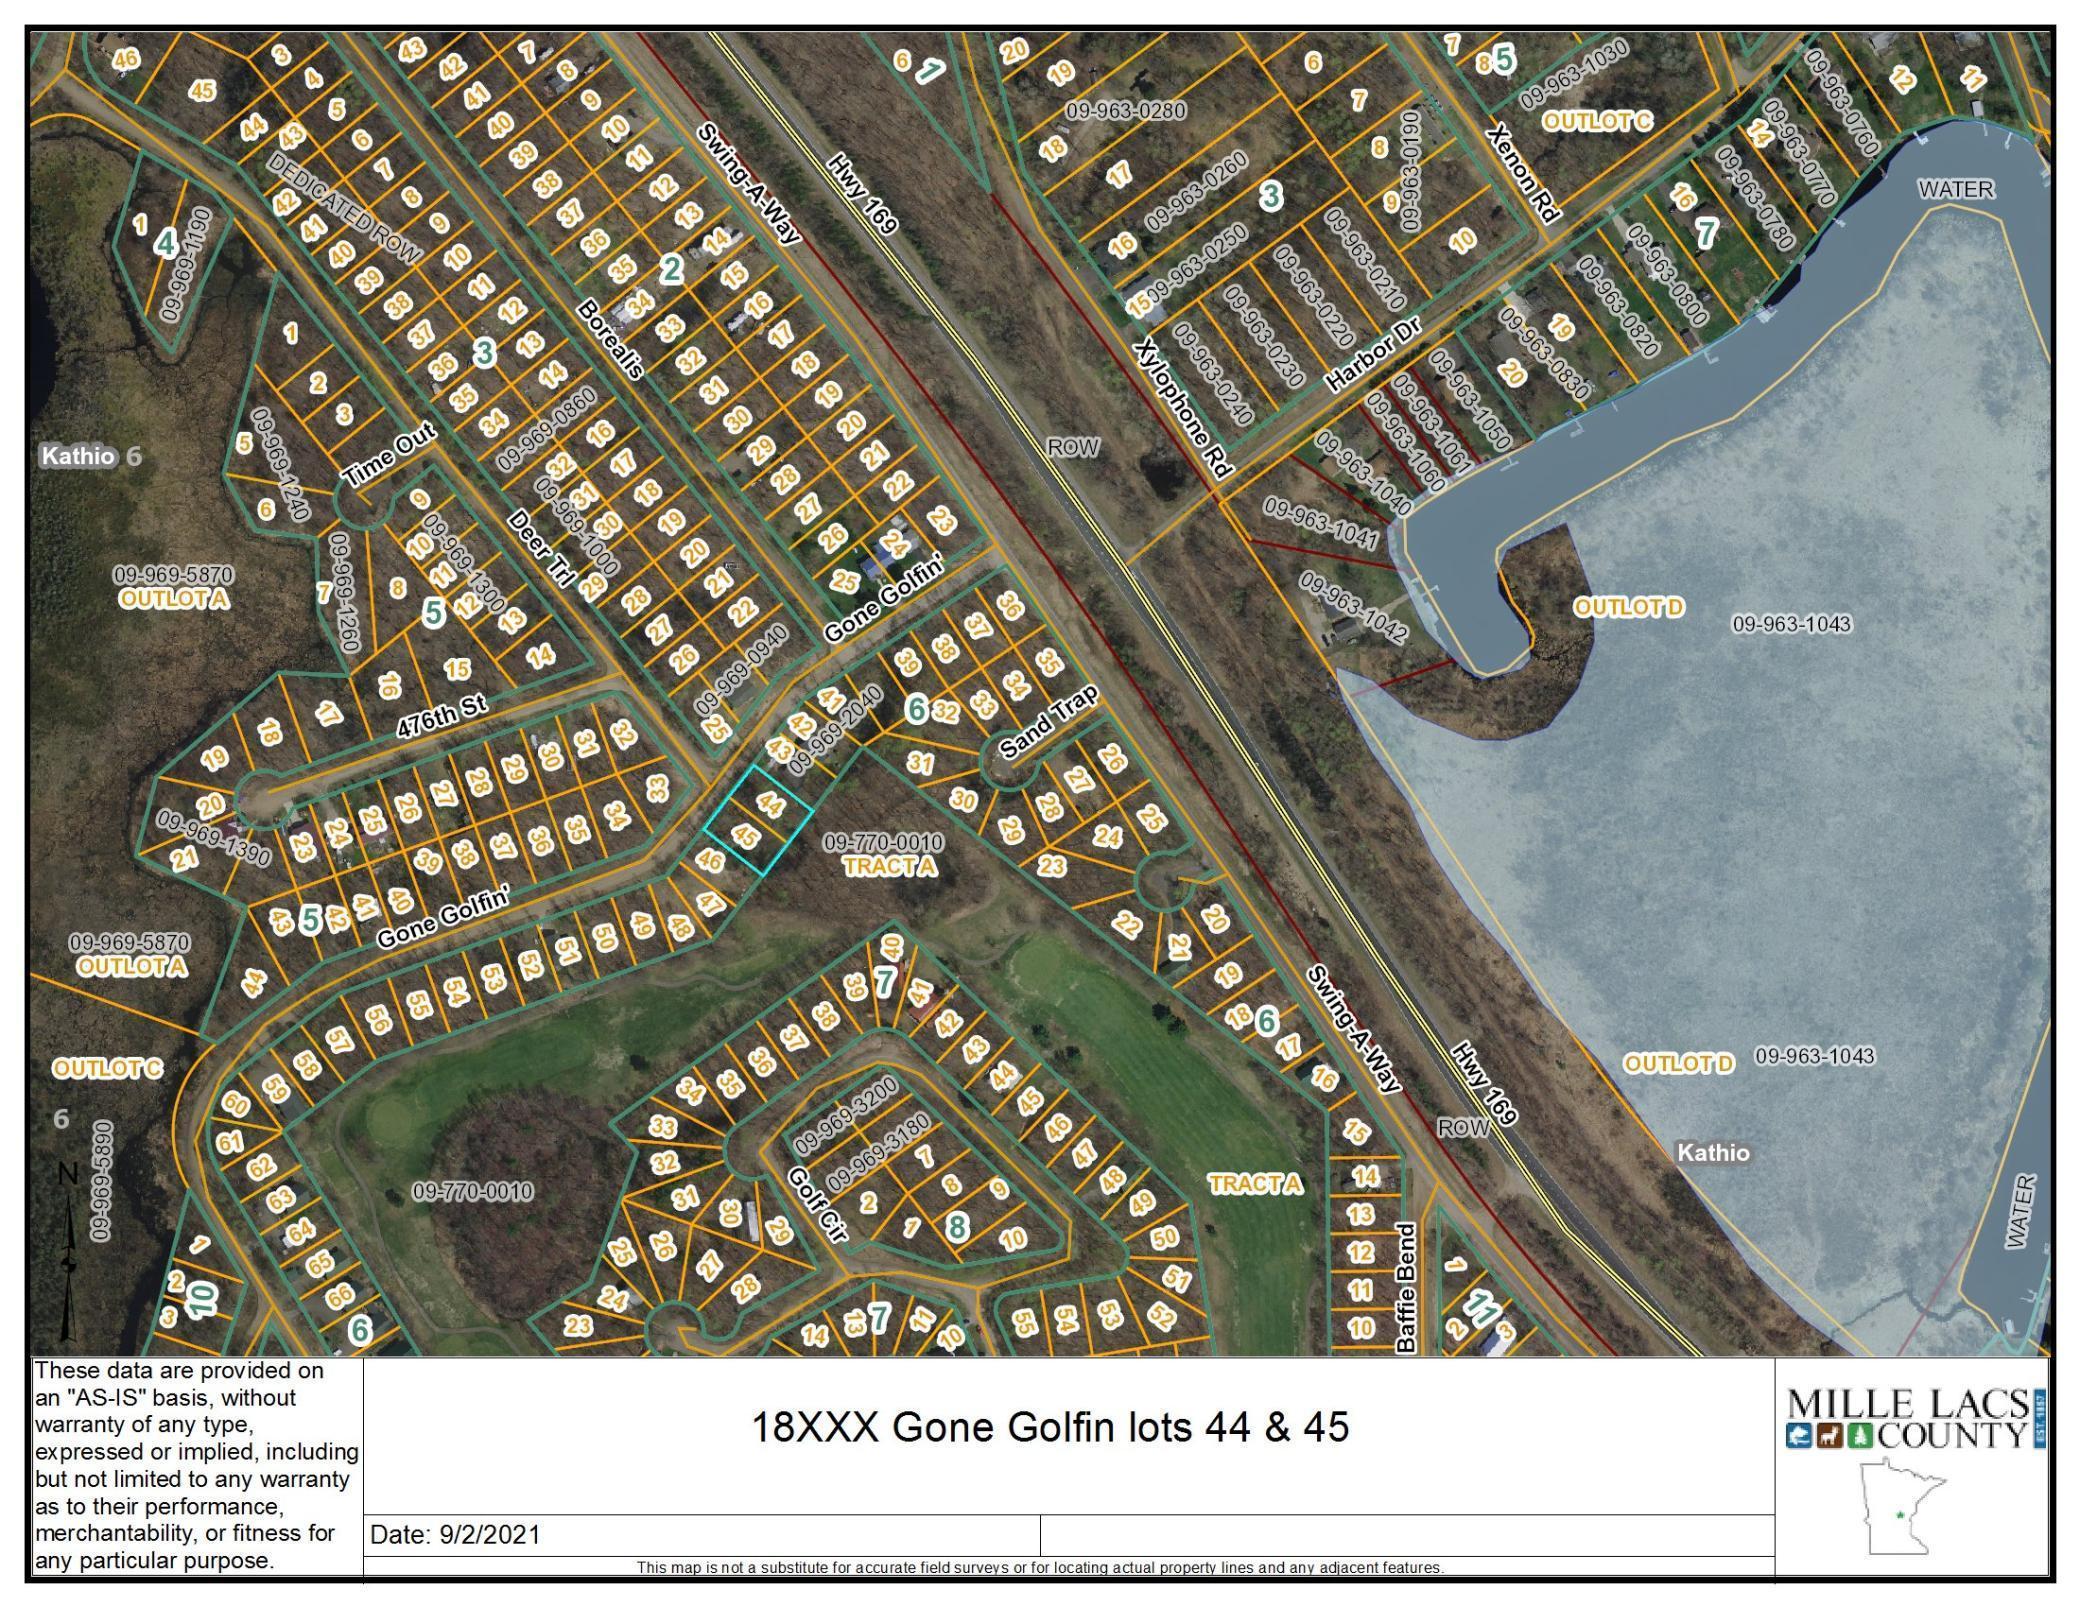 187xx Gone Golfin Property Photo